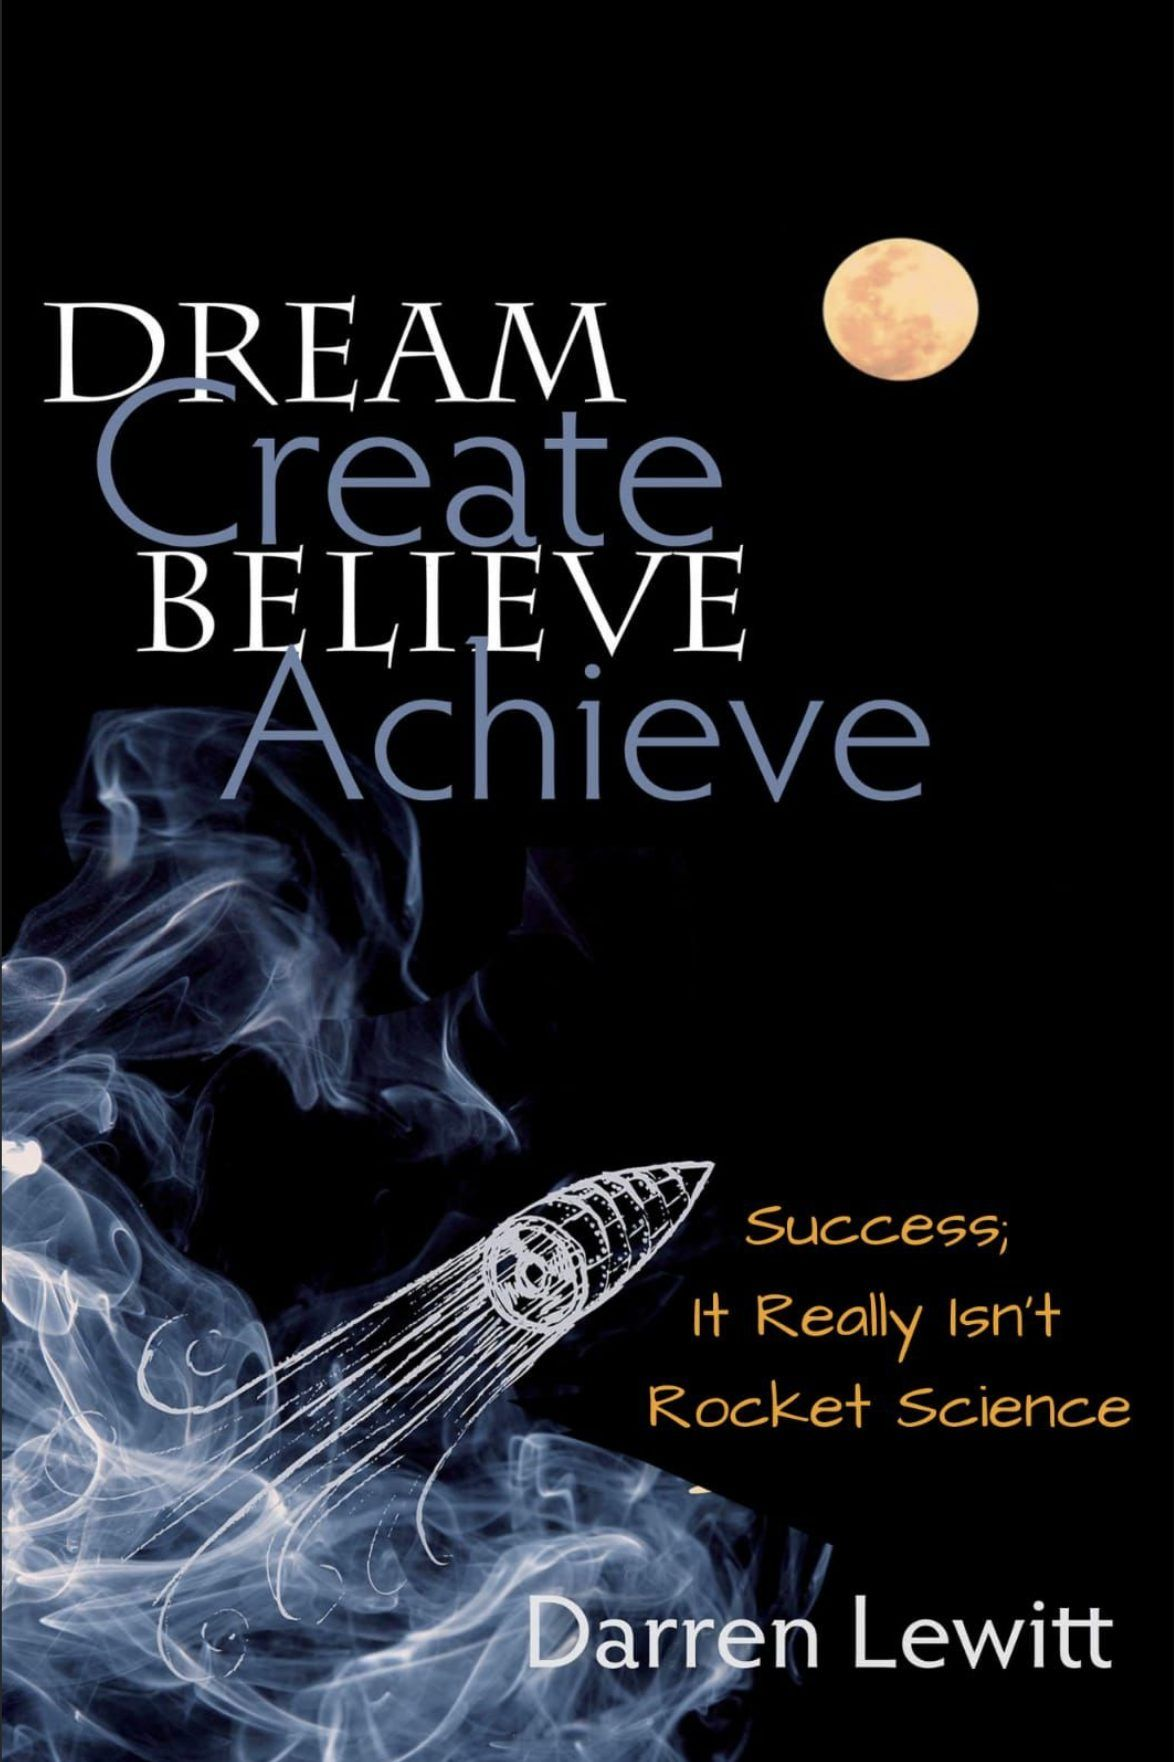 Dream, Create, Believe, Achieve